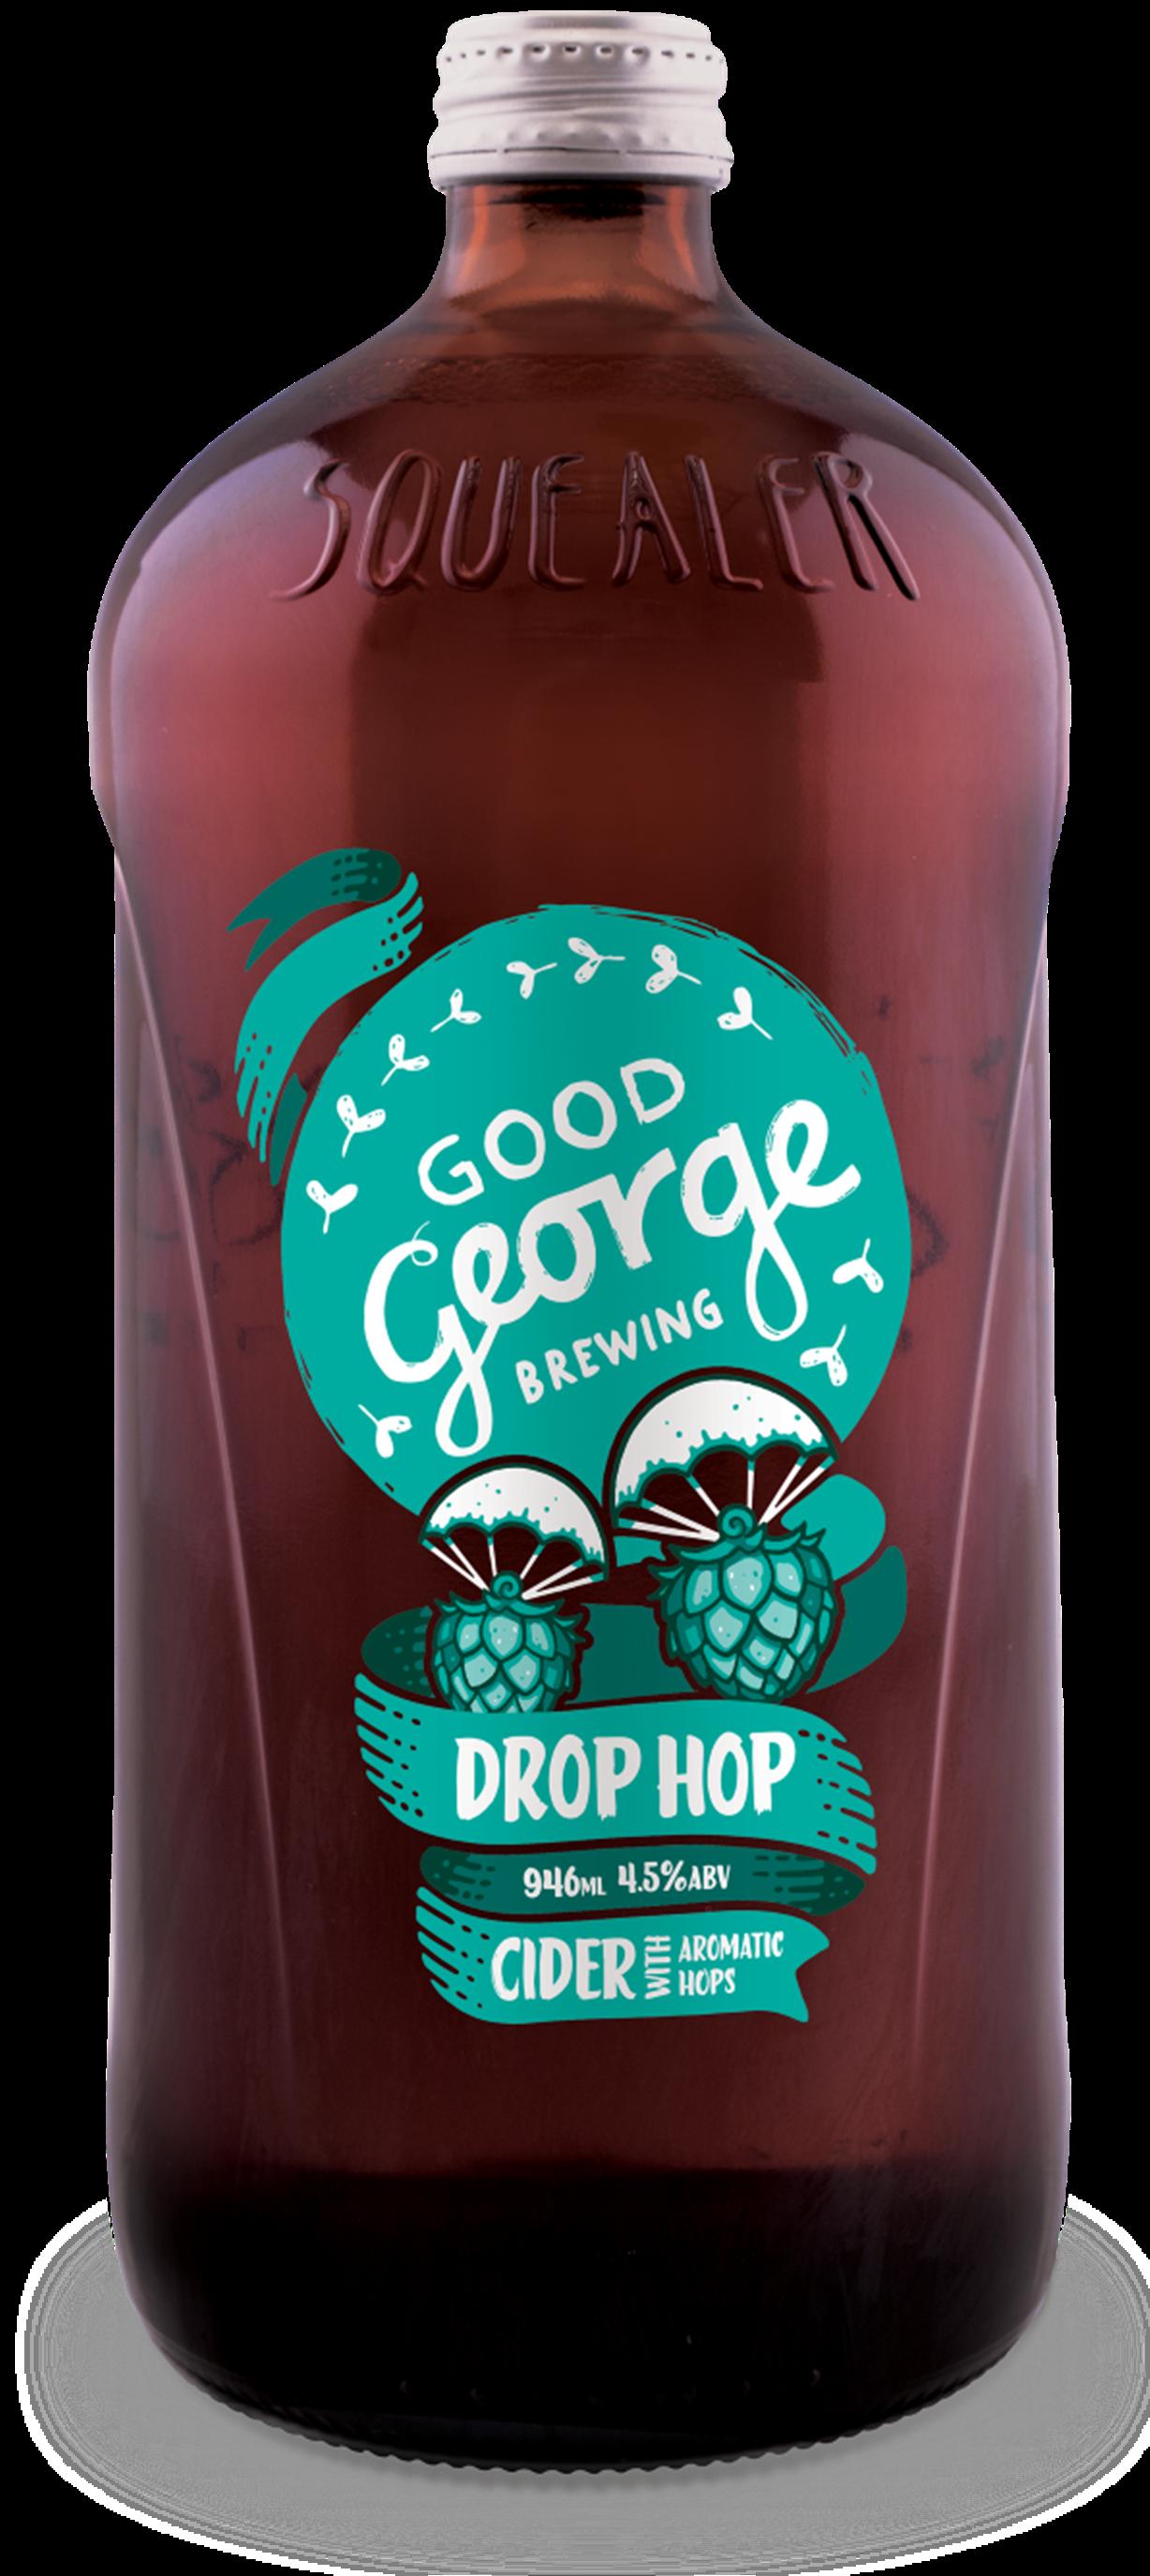 Good George Drop Hop Cider Squealer